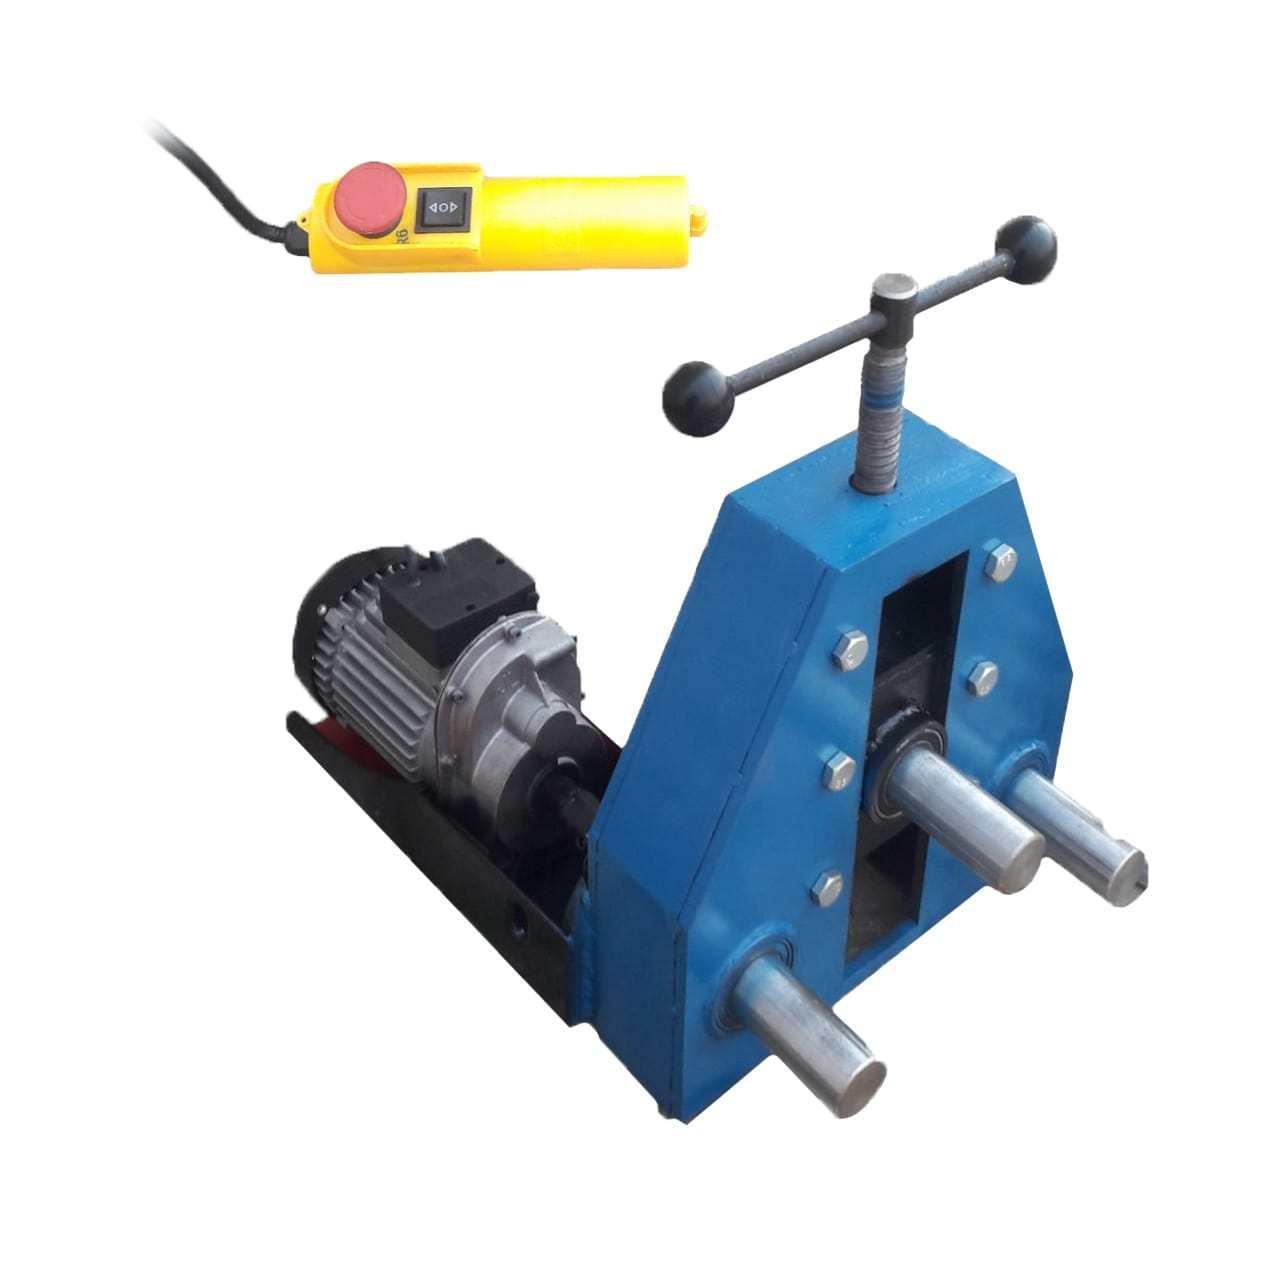 Трубогиб-профилегиб ТПВ-2 с электроприводом METALLSTROI